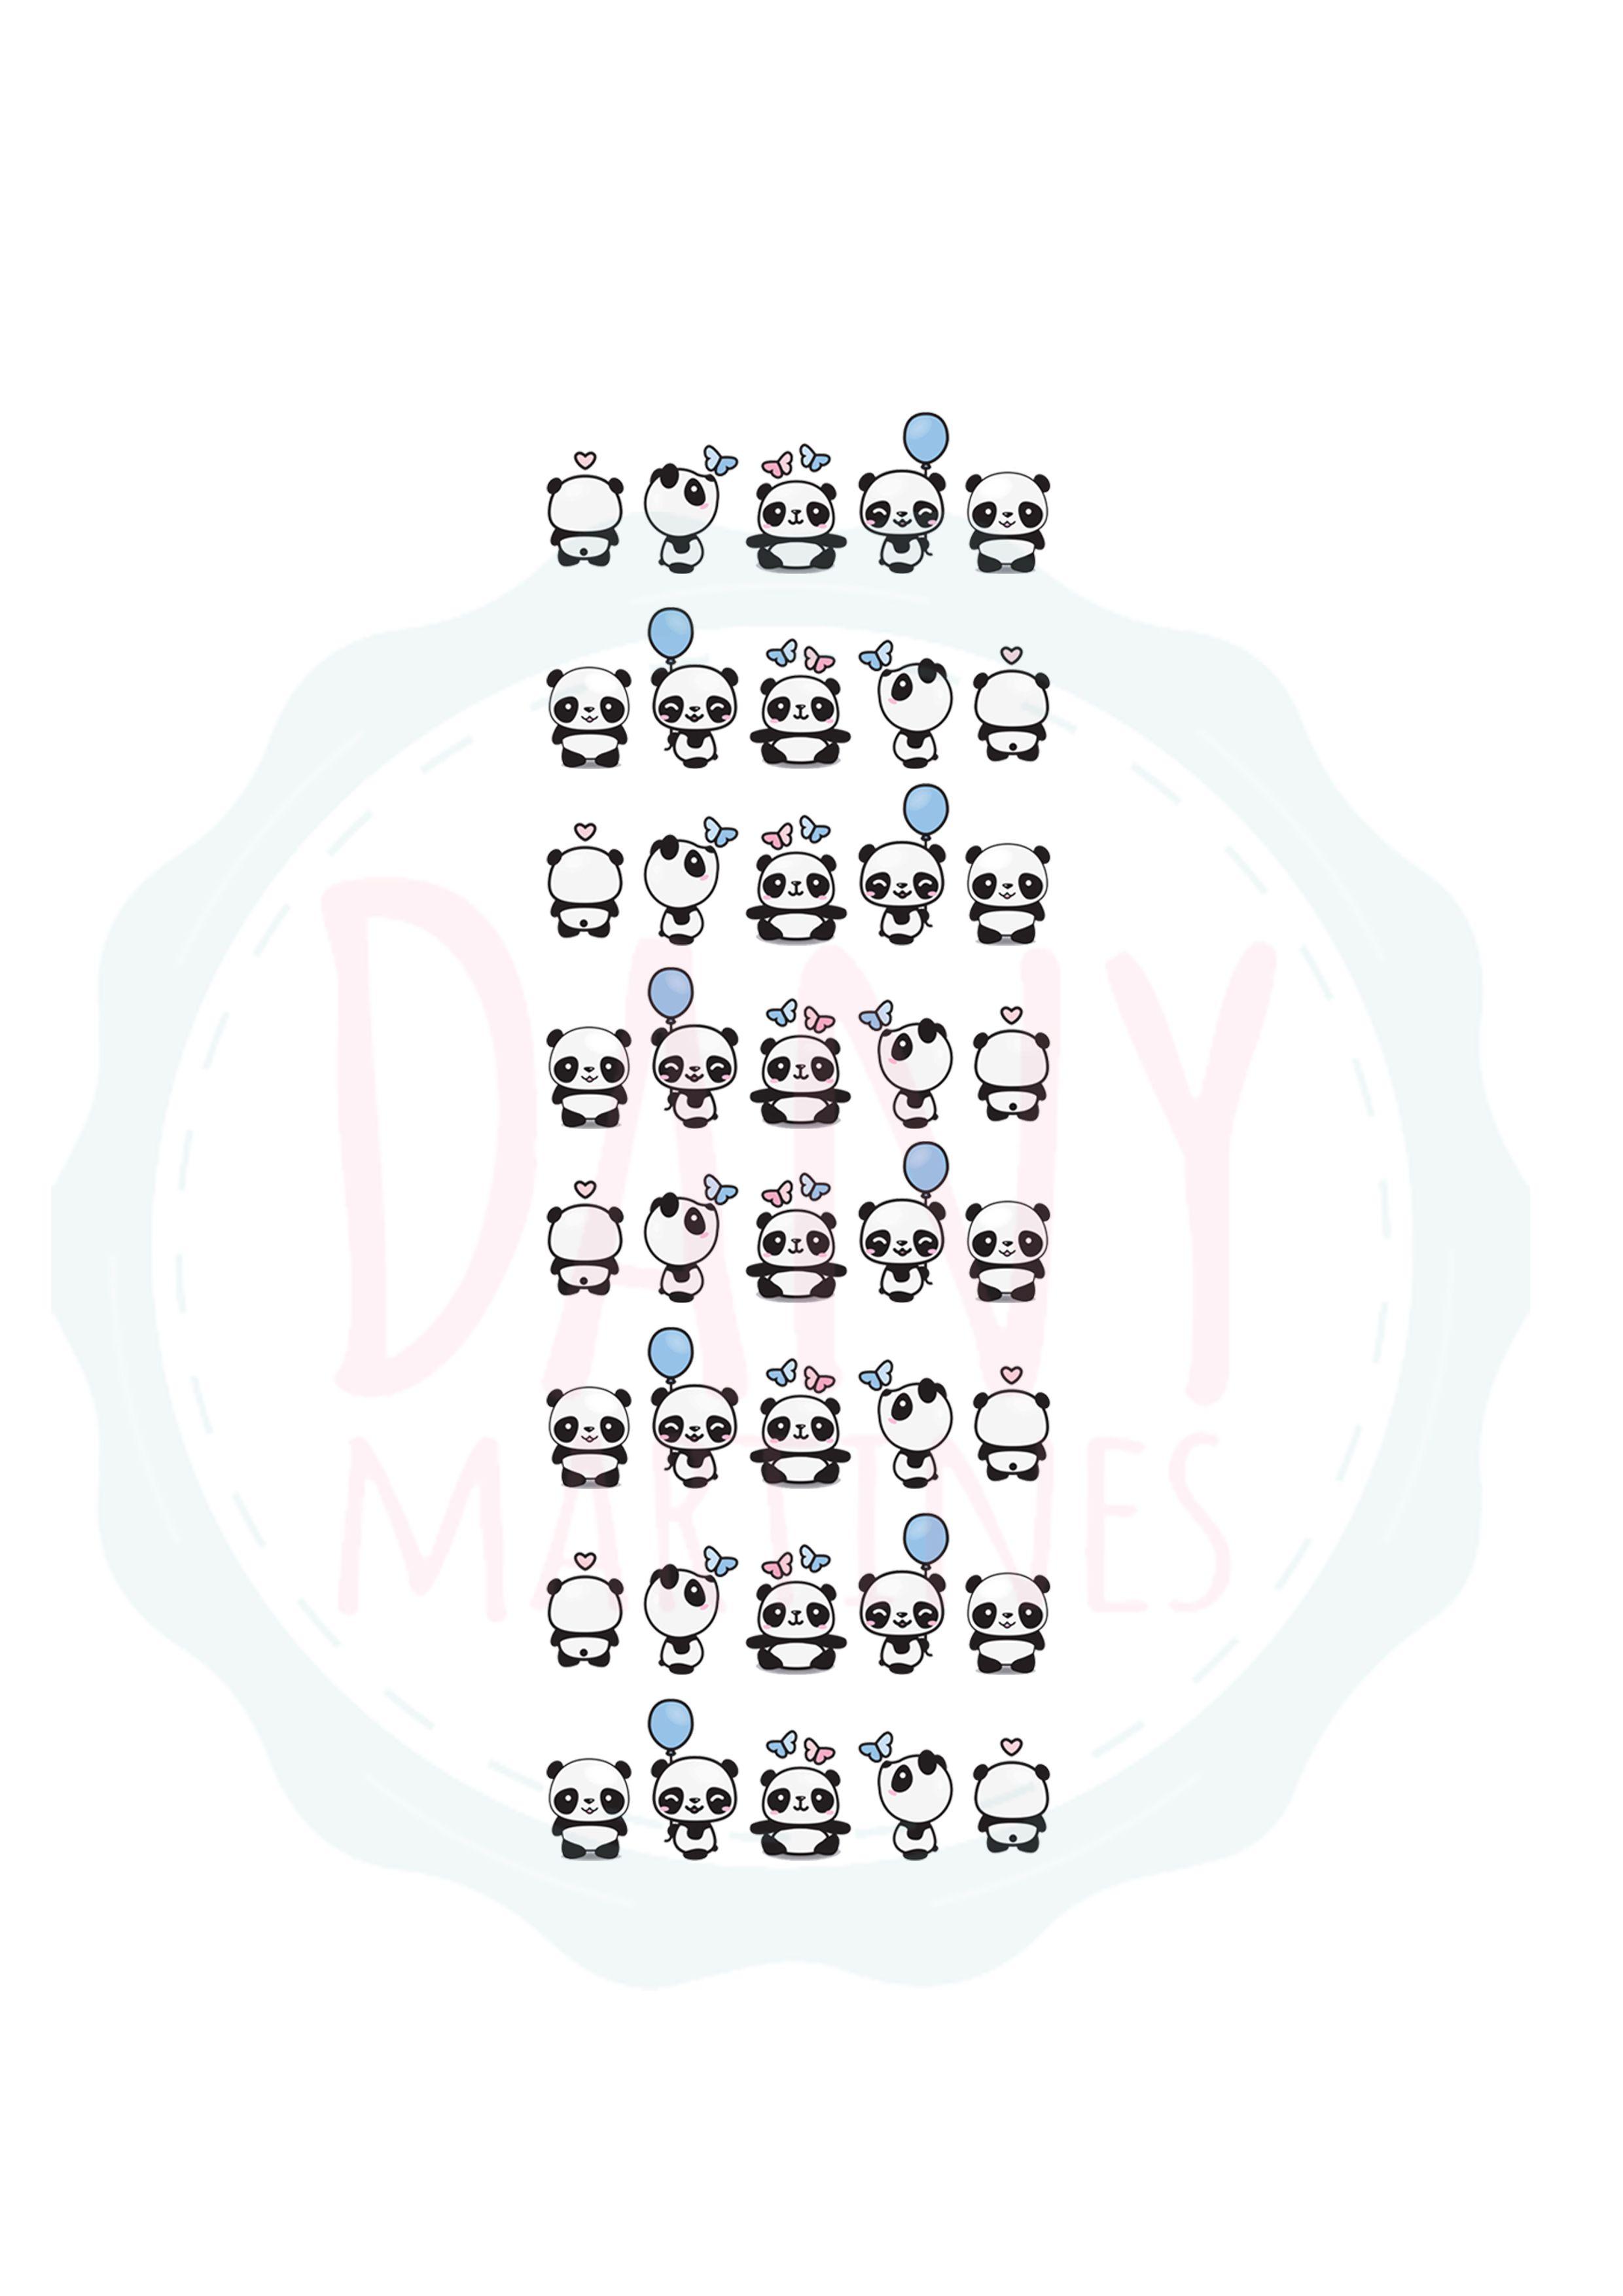 Molde Panda - Capinha de celular   Assista o tutorial: https://www.youtube.com/watch?v=Y83-z20vViU